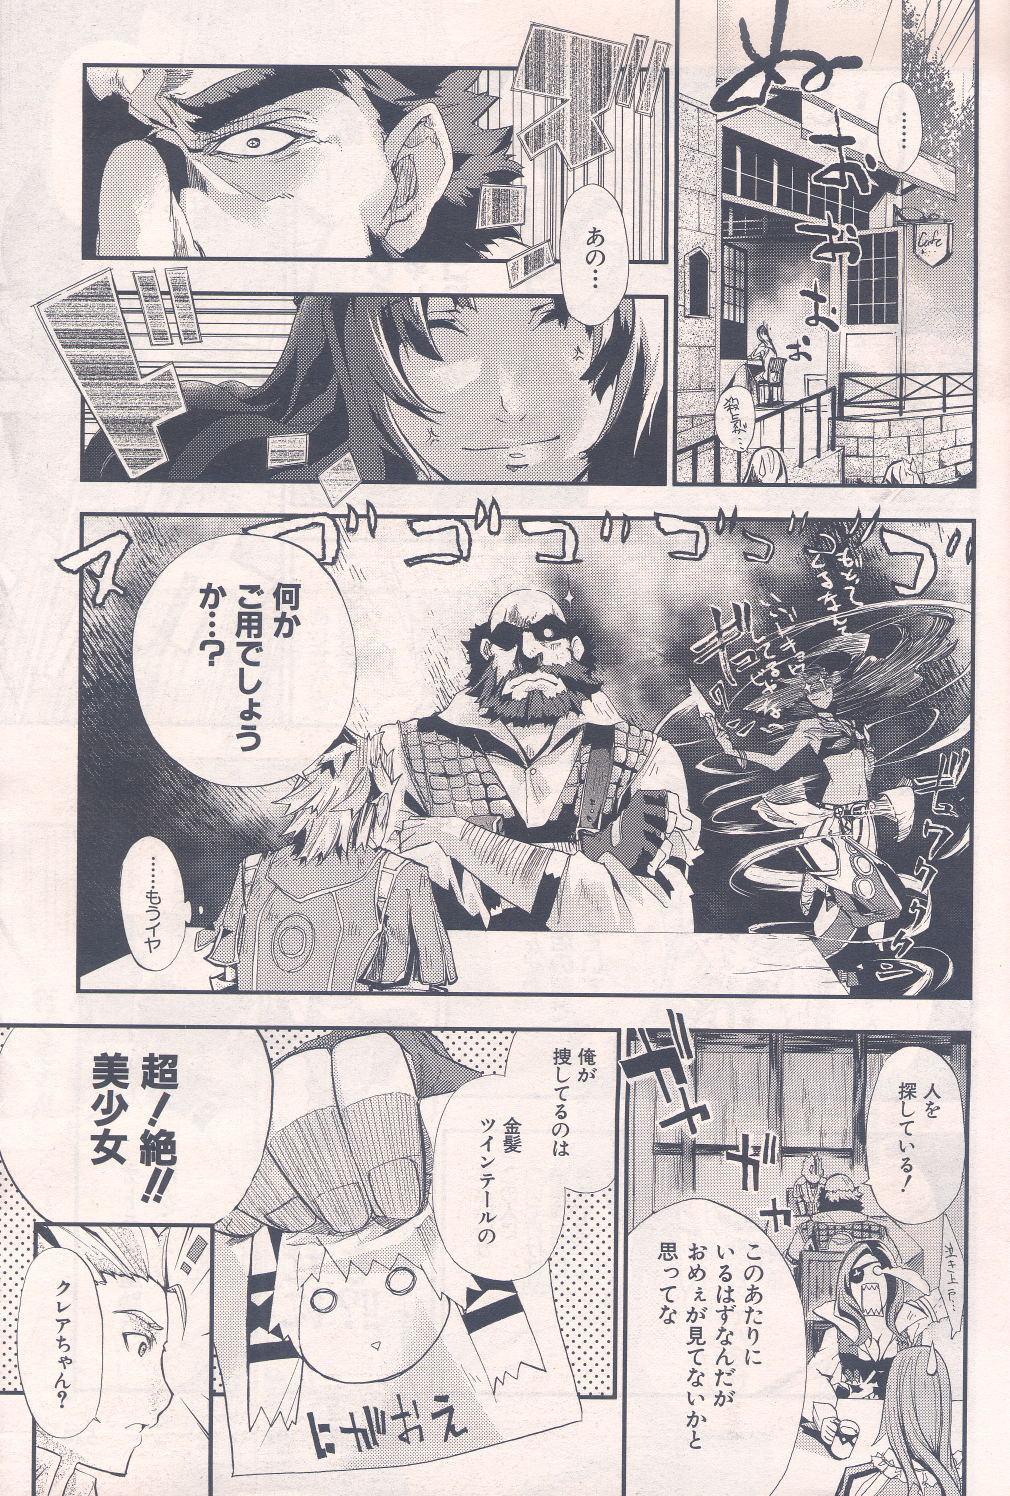 GEコミック第2回